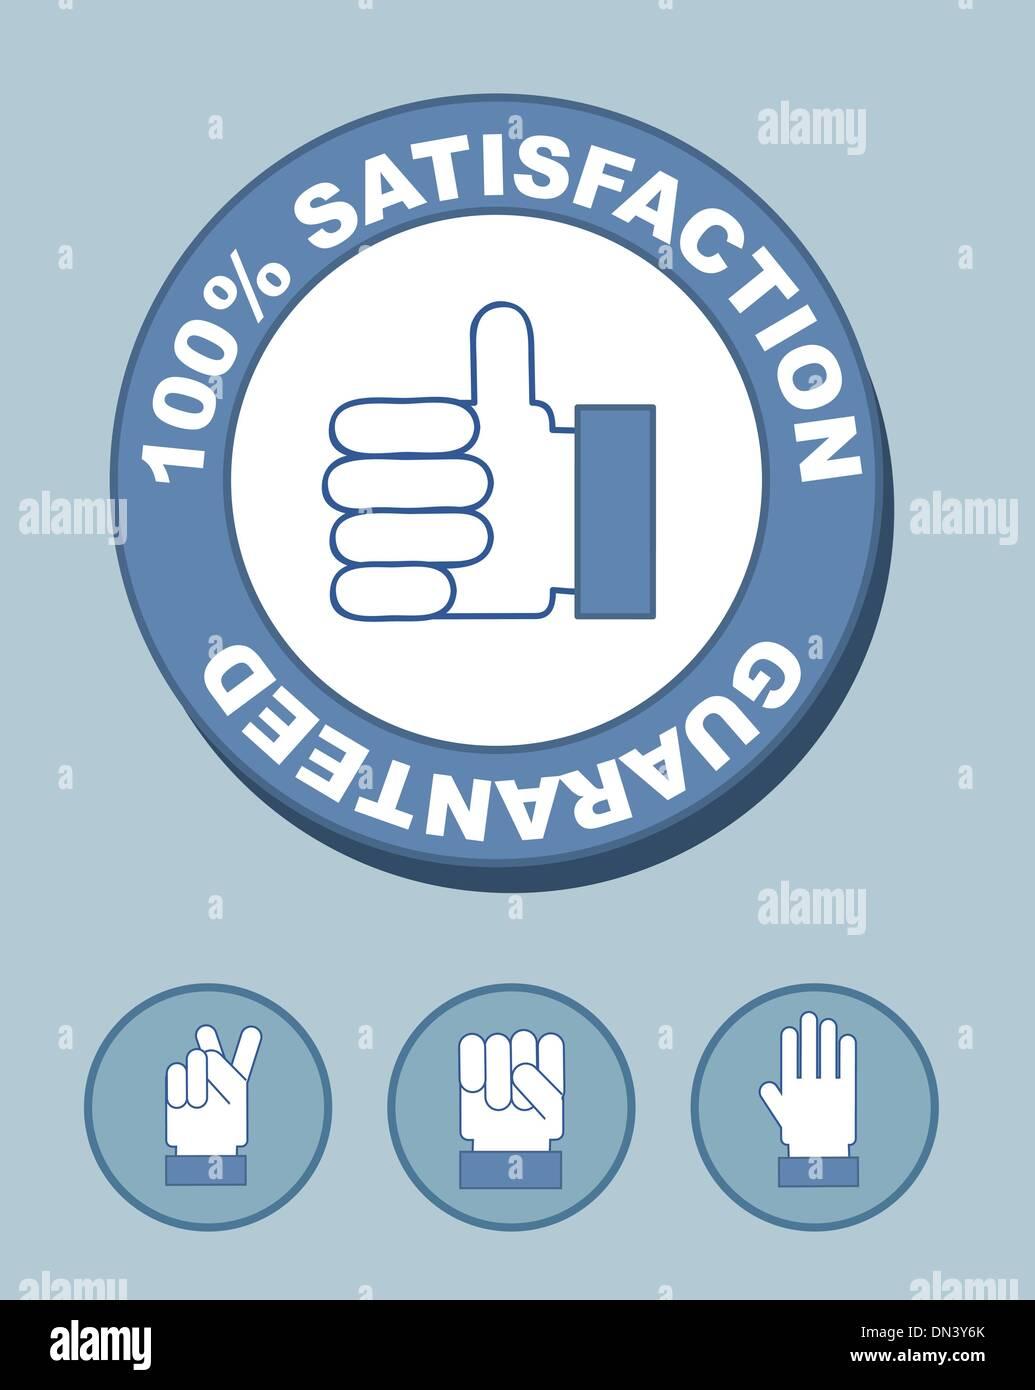 100% satisfaction - Stock Image